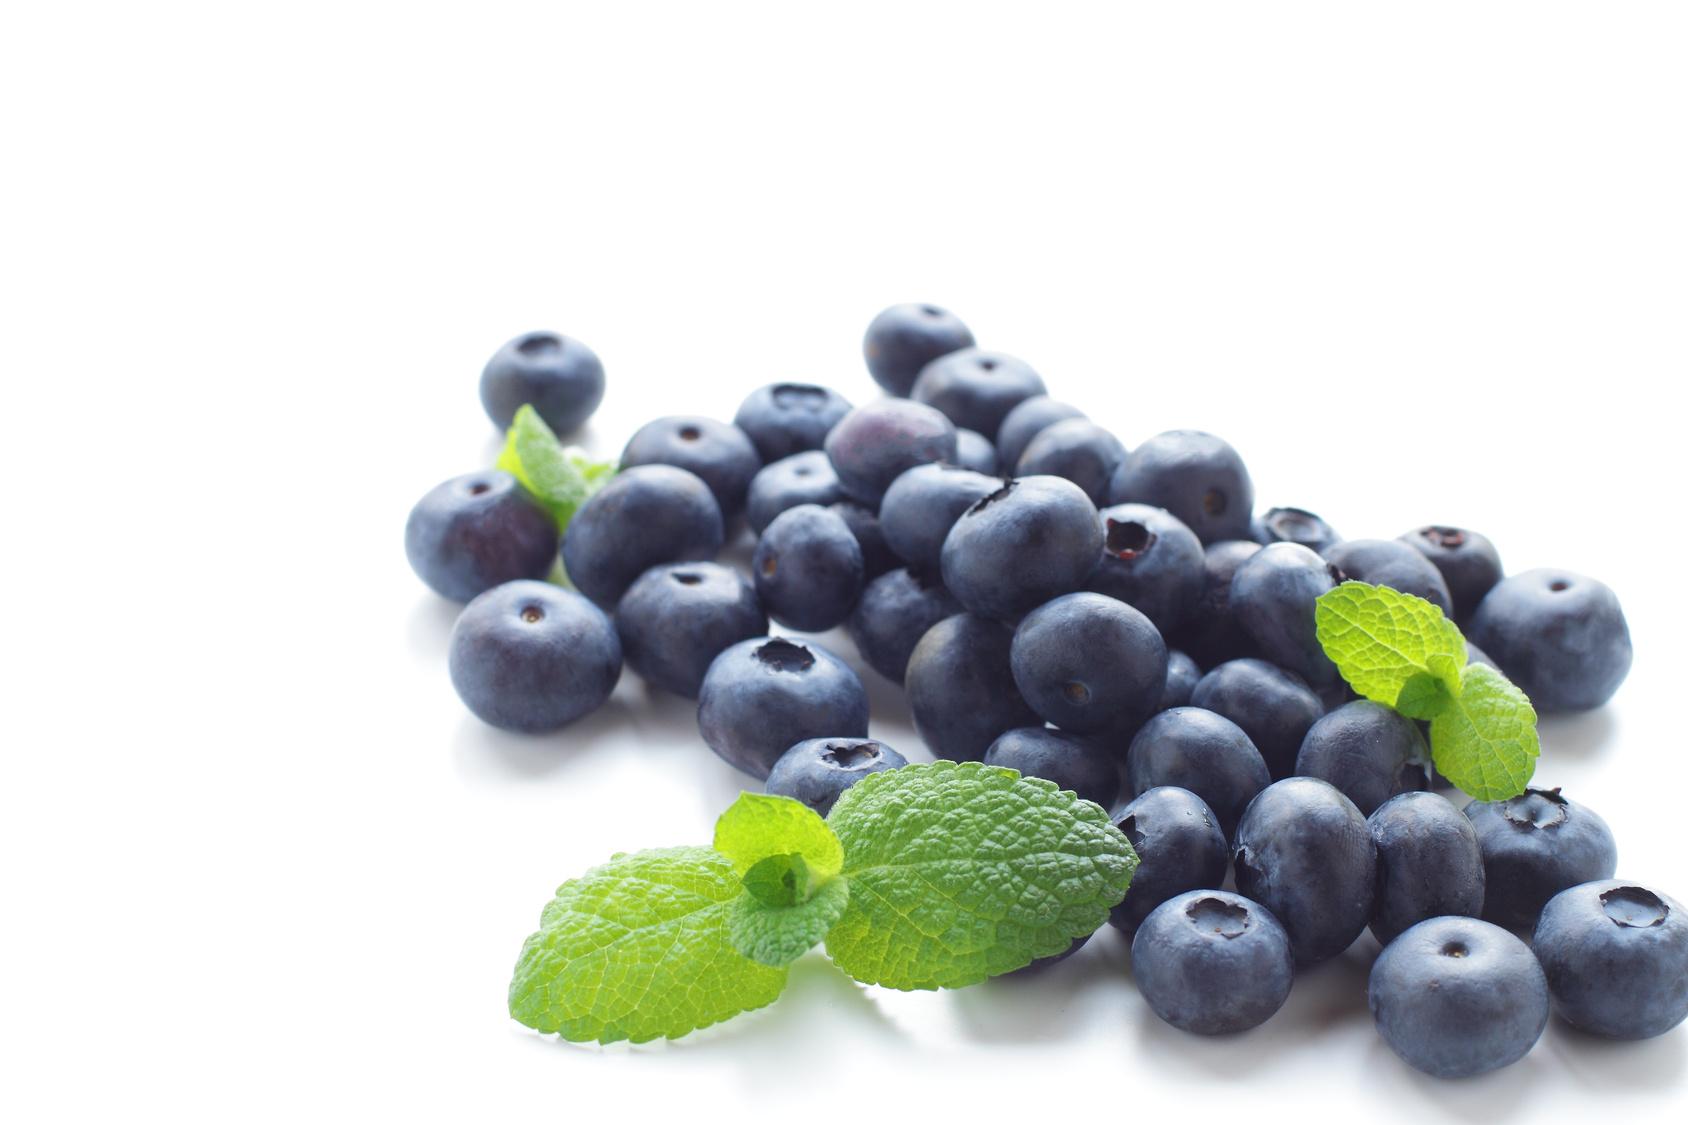 低カロリーのブルーベリーはダイエットに効果がある?ない?のサムネイル画像